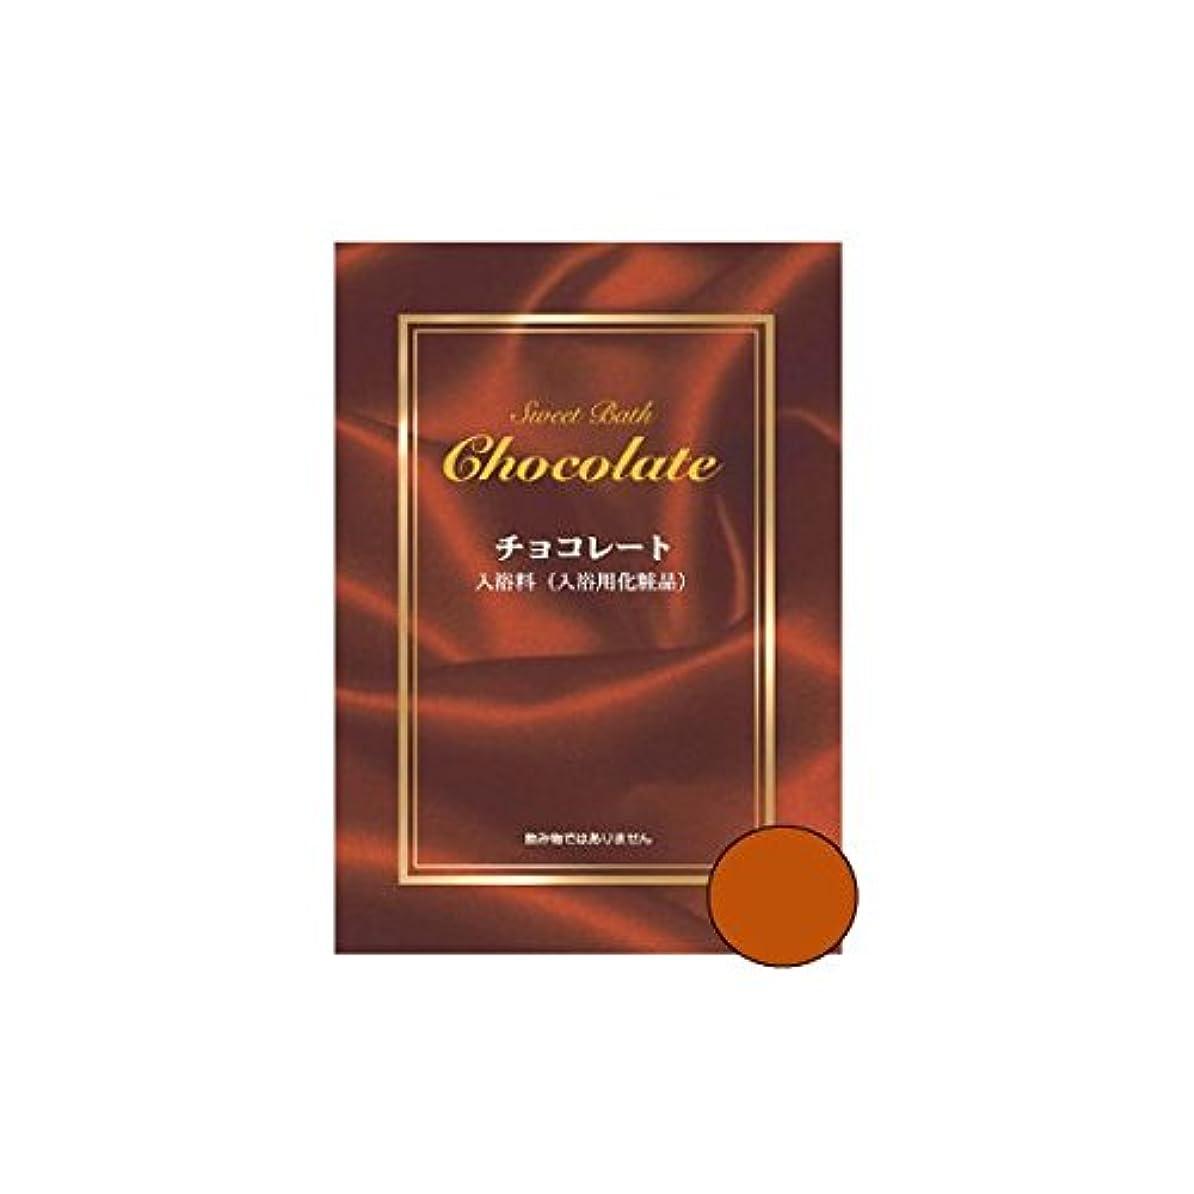 故意の傀儡曖昧な【10包】スウィートバス チョコレート入浴料